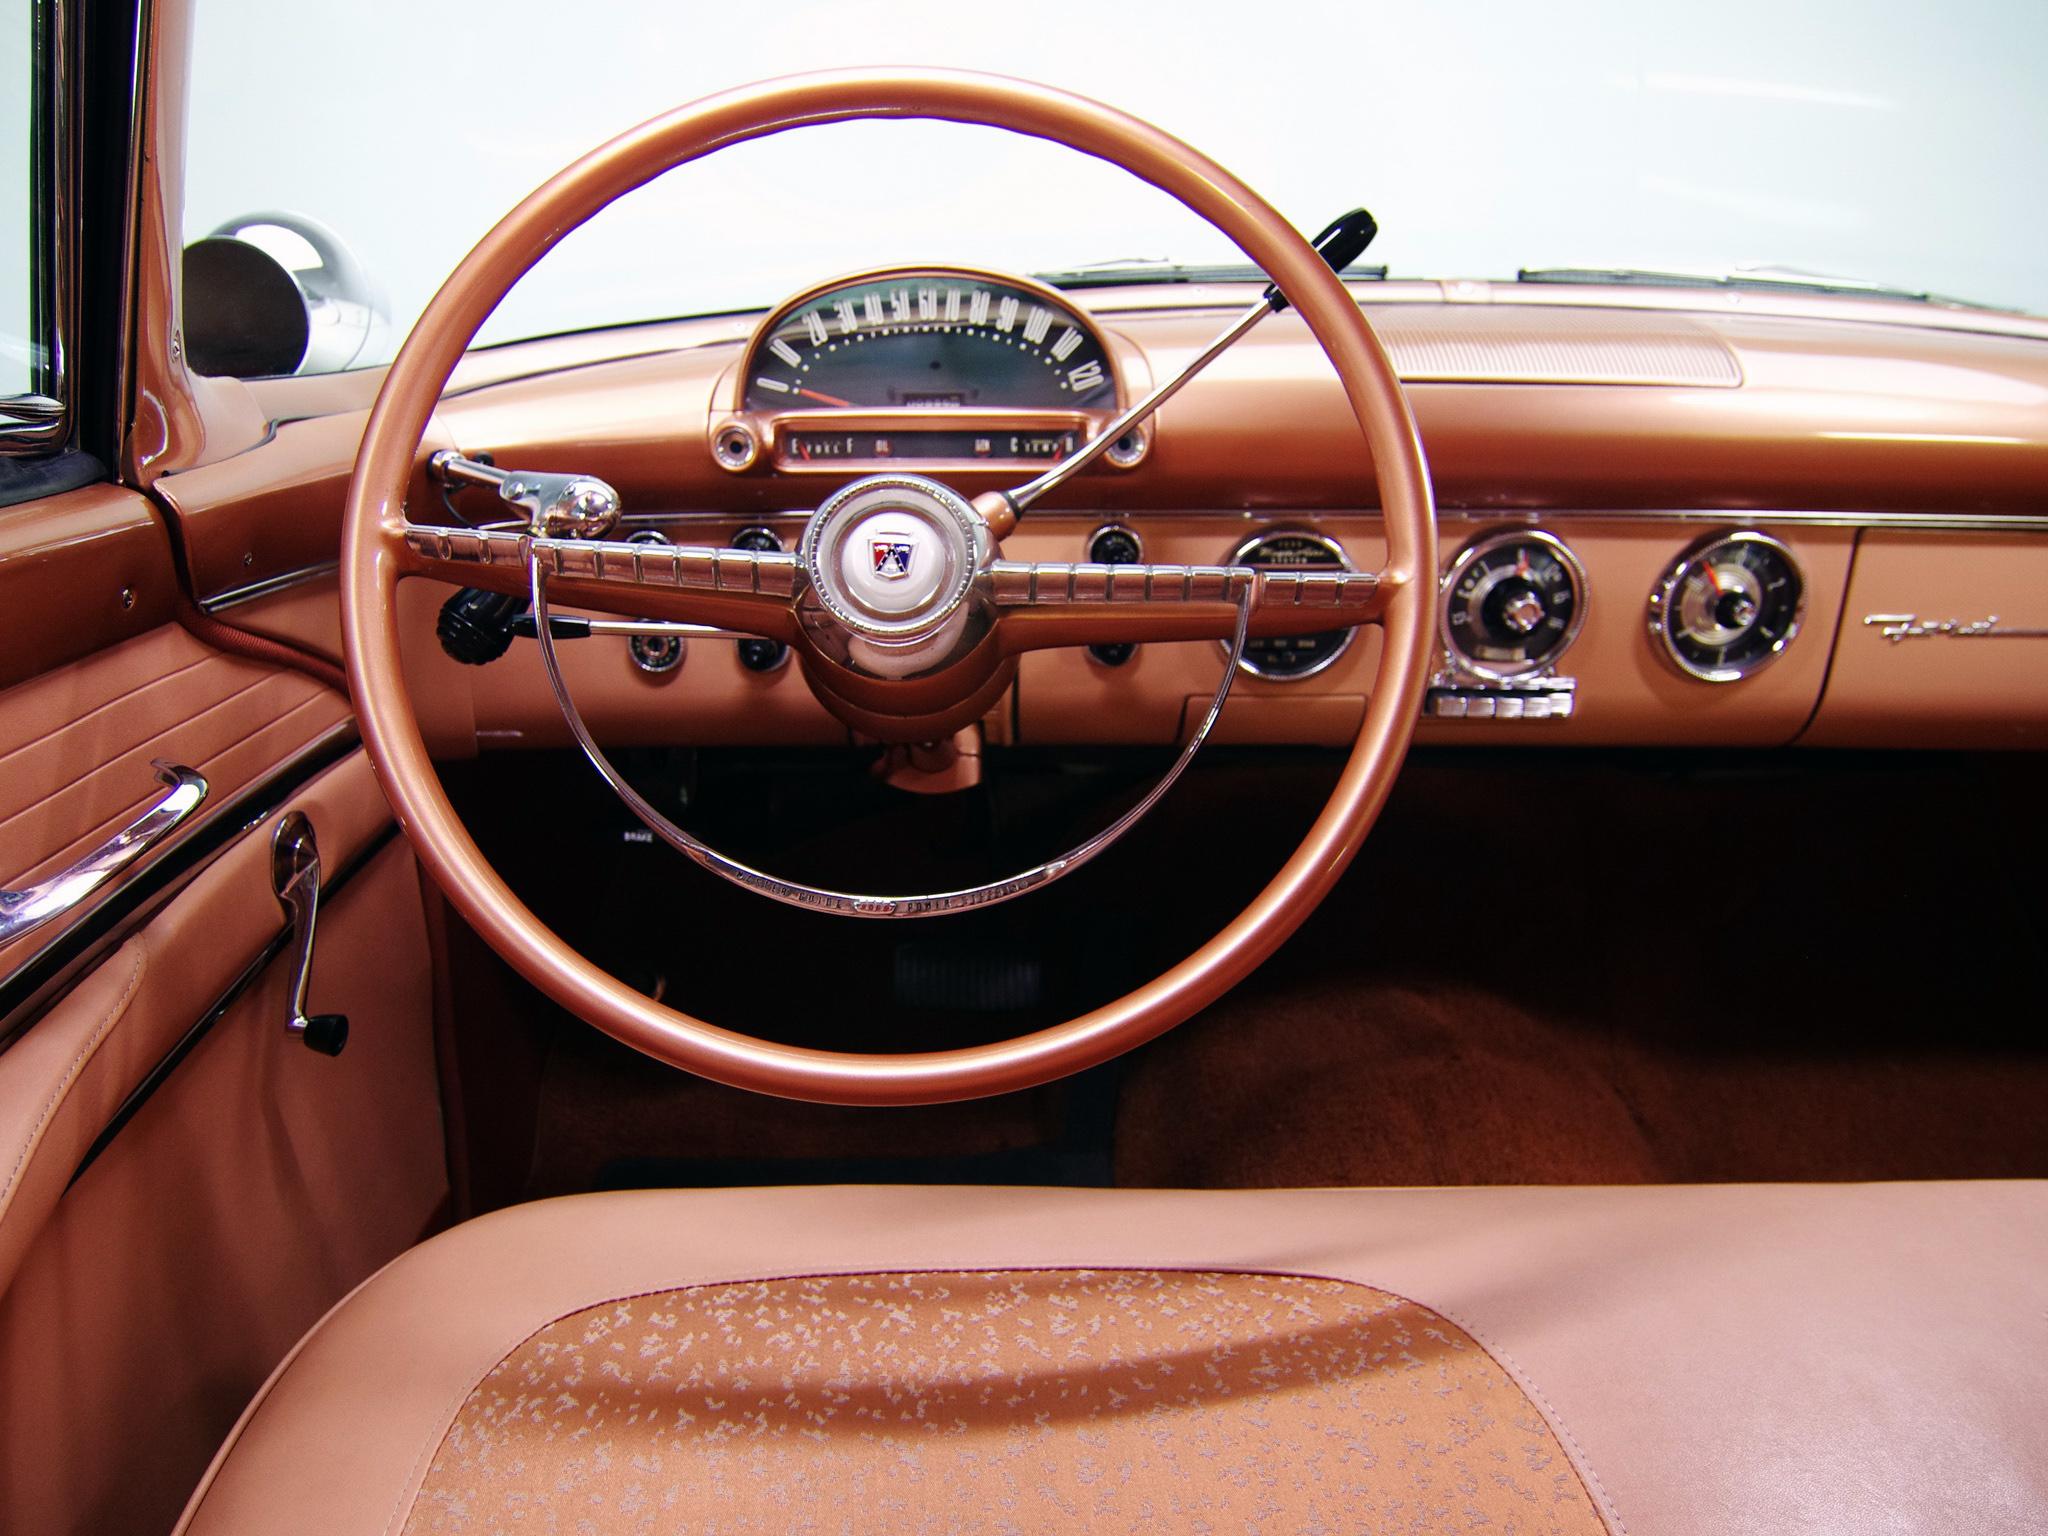 1955 ford fairlane crown victoria coupe 64a retro interior y wallpaper 2048x1536 134086 wallpaperup